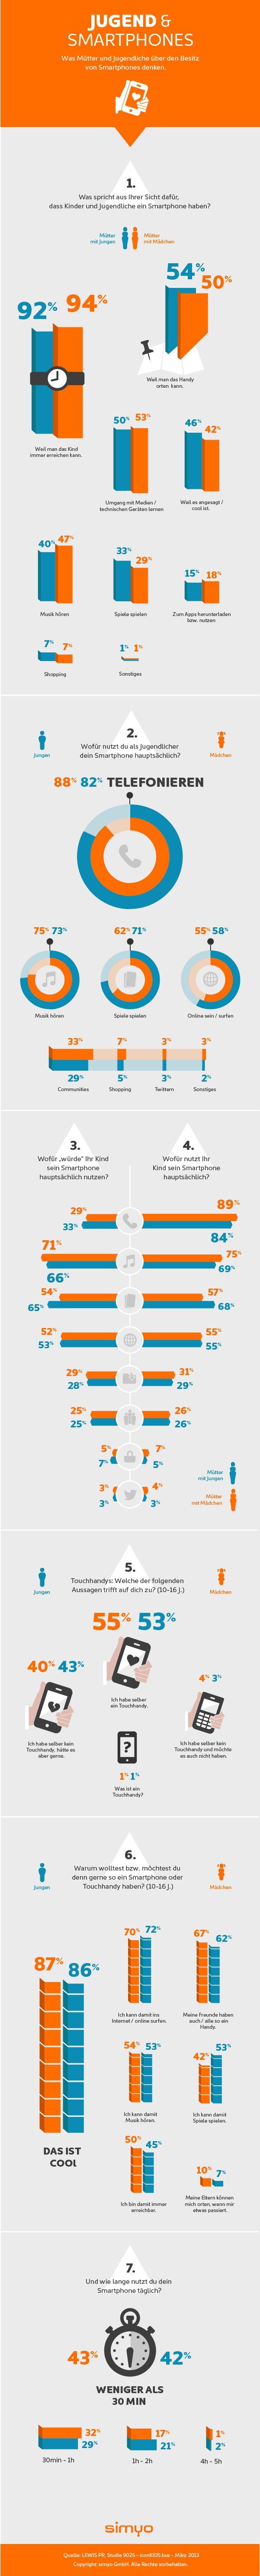 130607_Infografik_Jugend_Smartphones